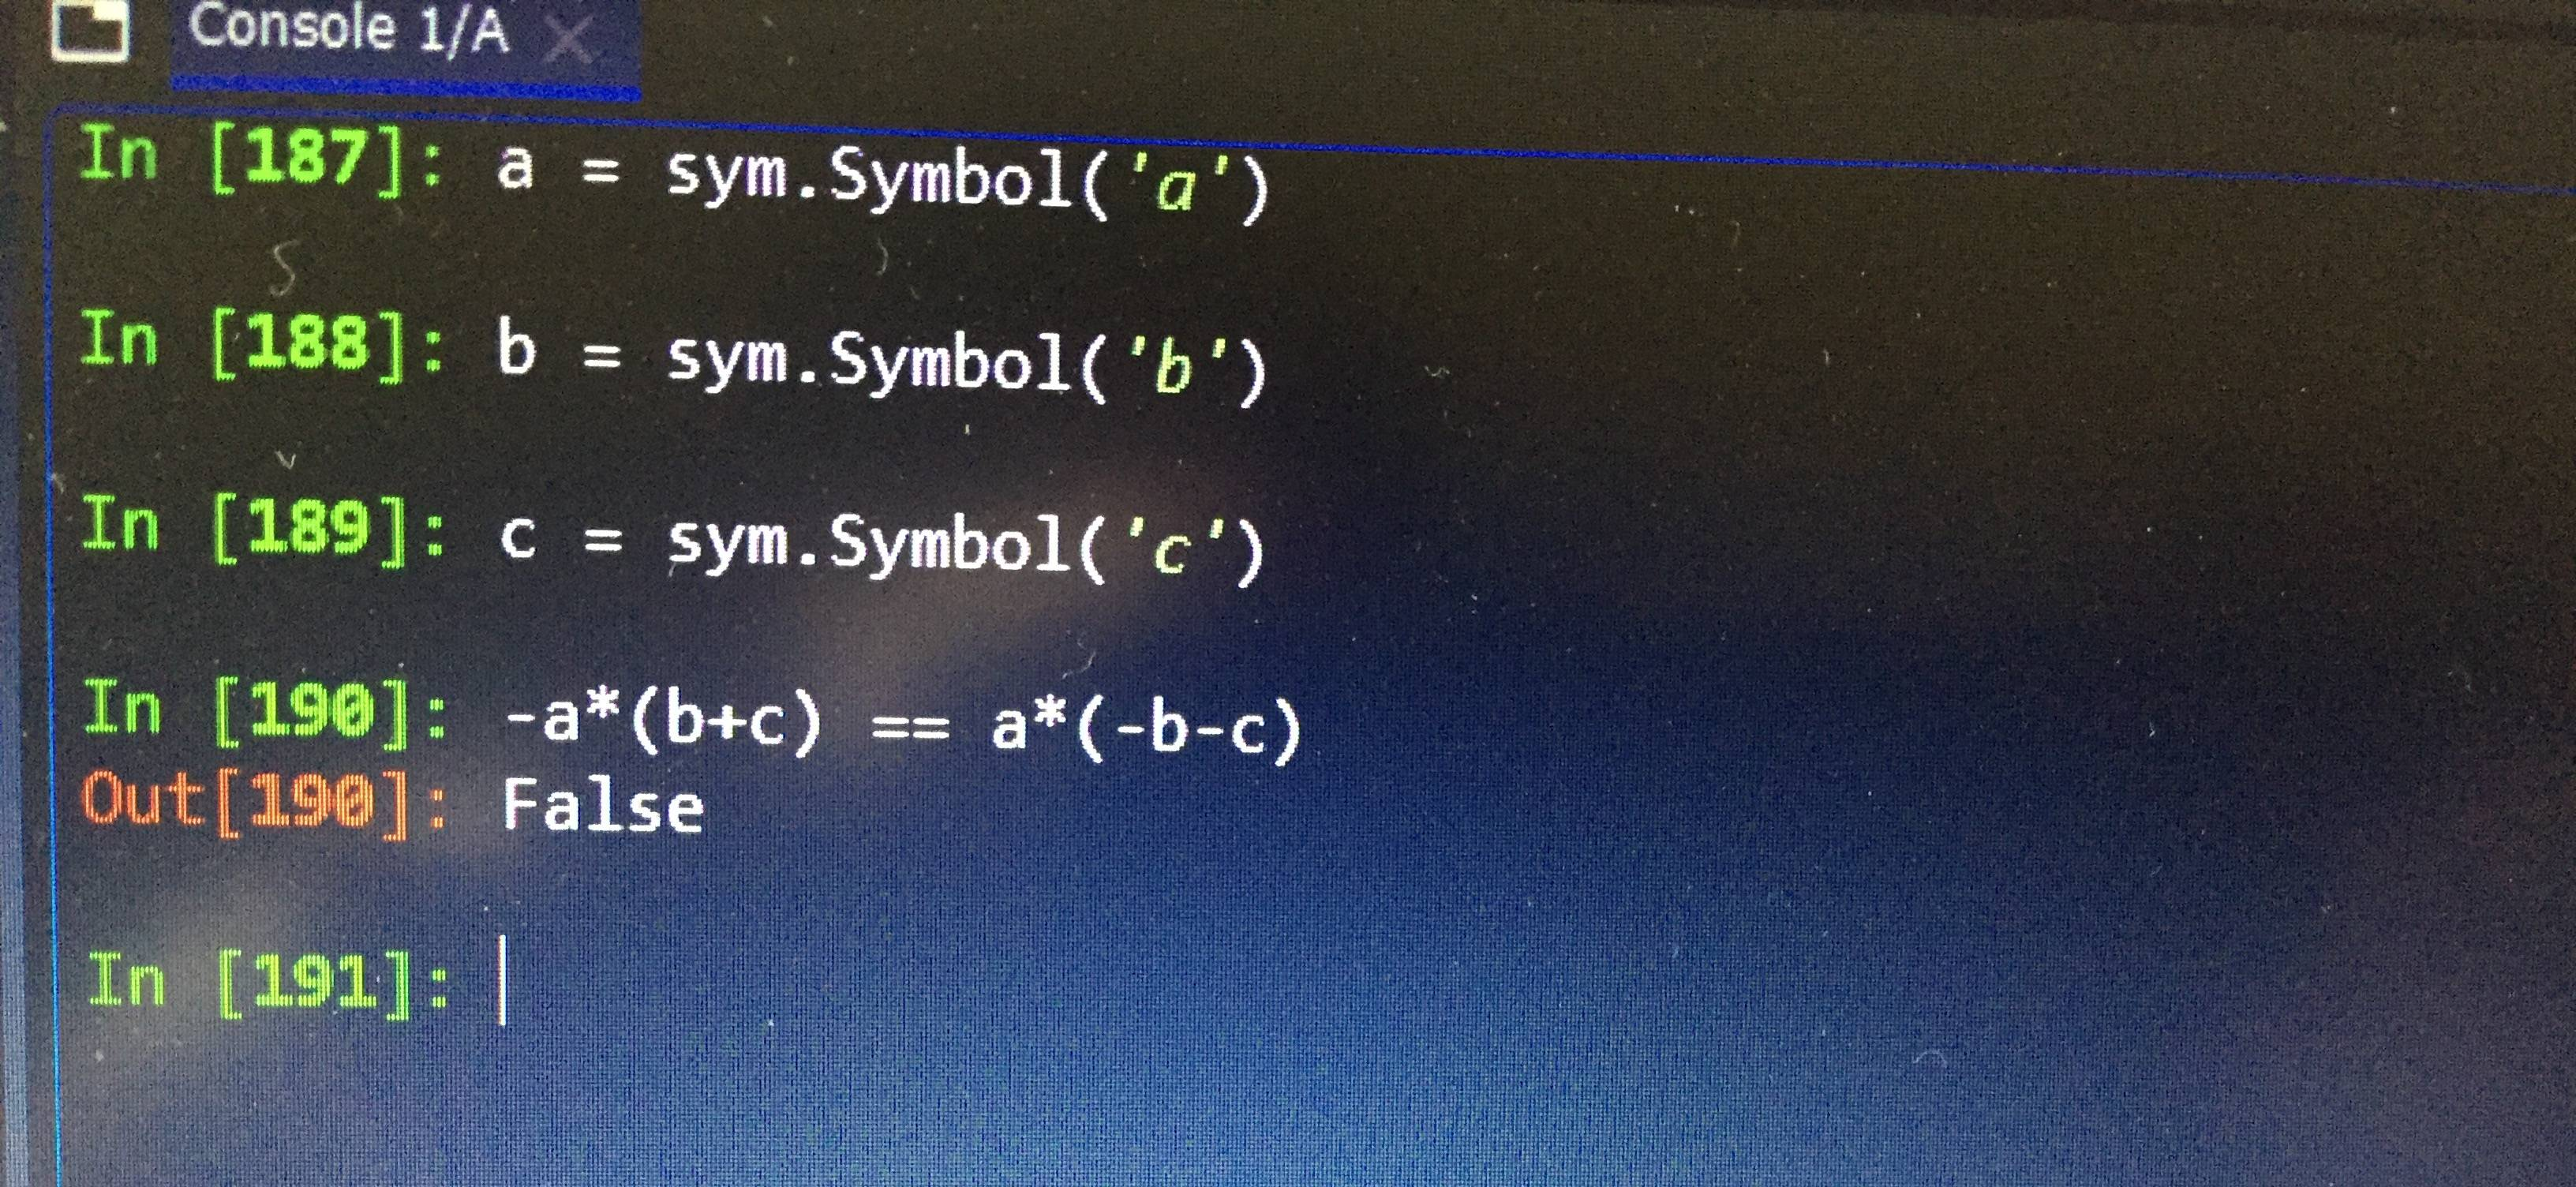 Изображение моего кода